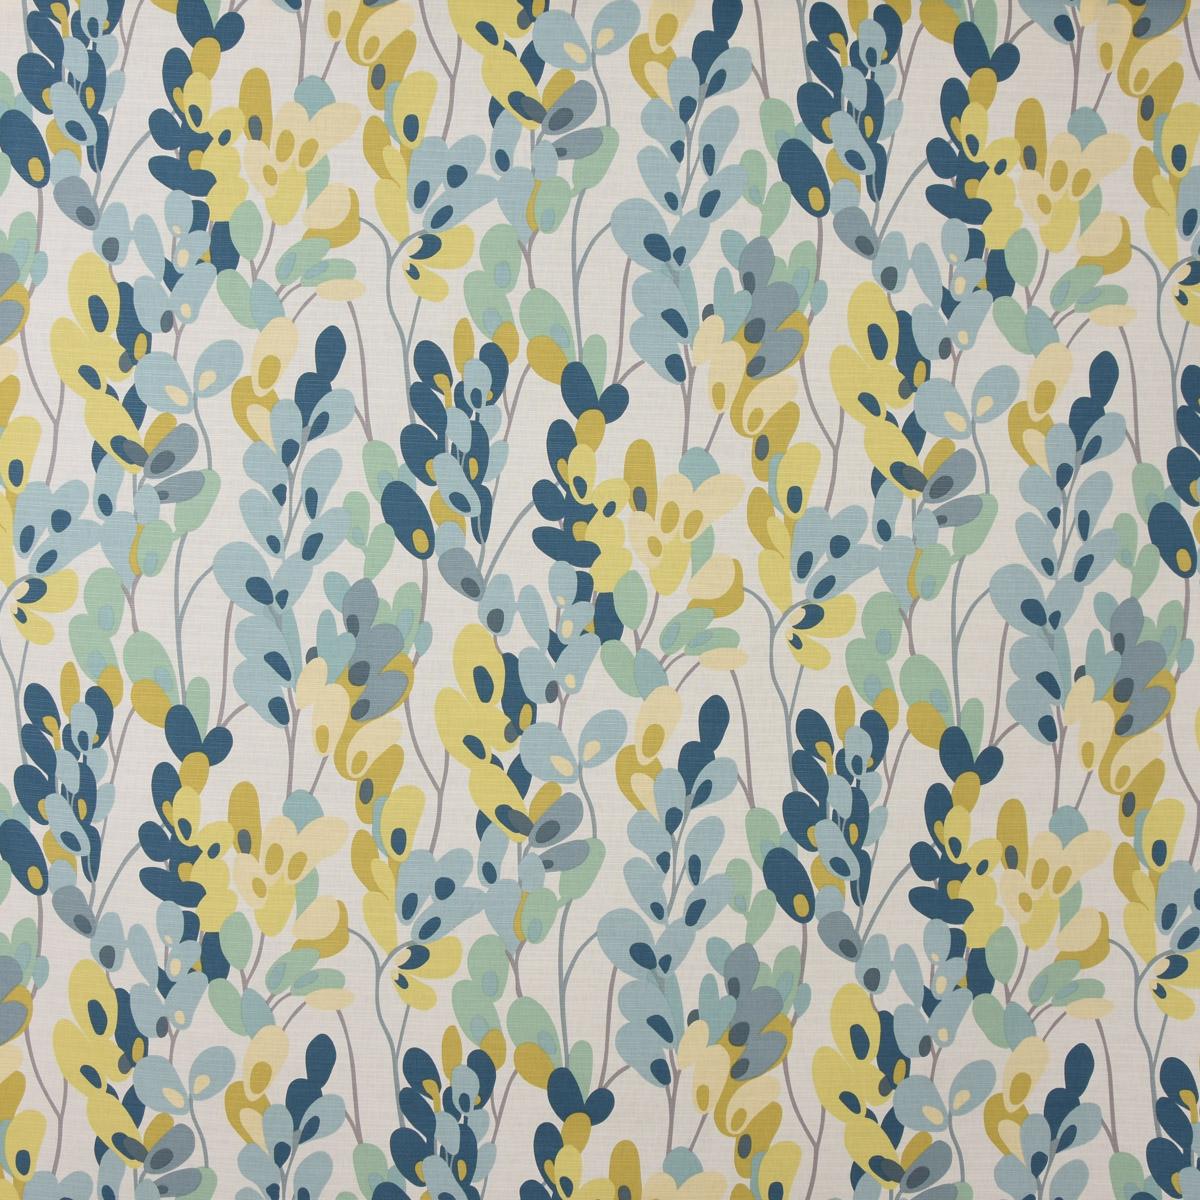 Panama Dekostoff Baumwollstoff Twirl Lemon Zest Zweige Blätter weiß grün blau 1,38m Breite